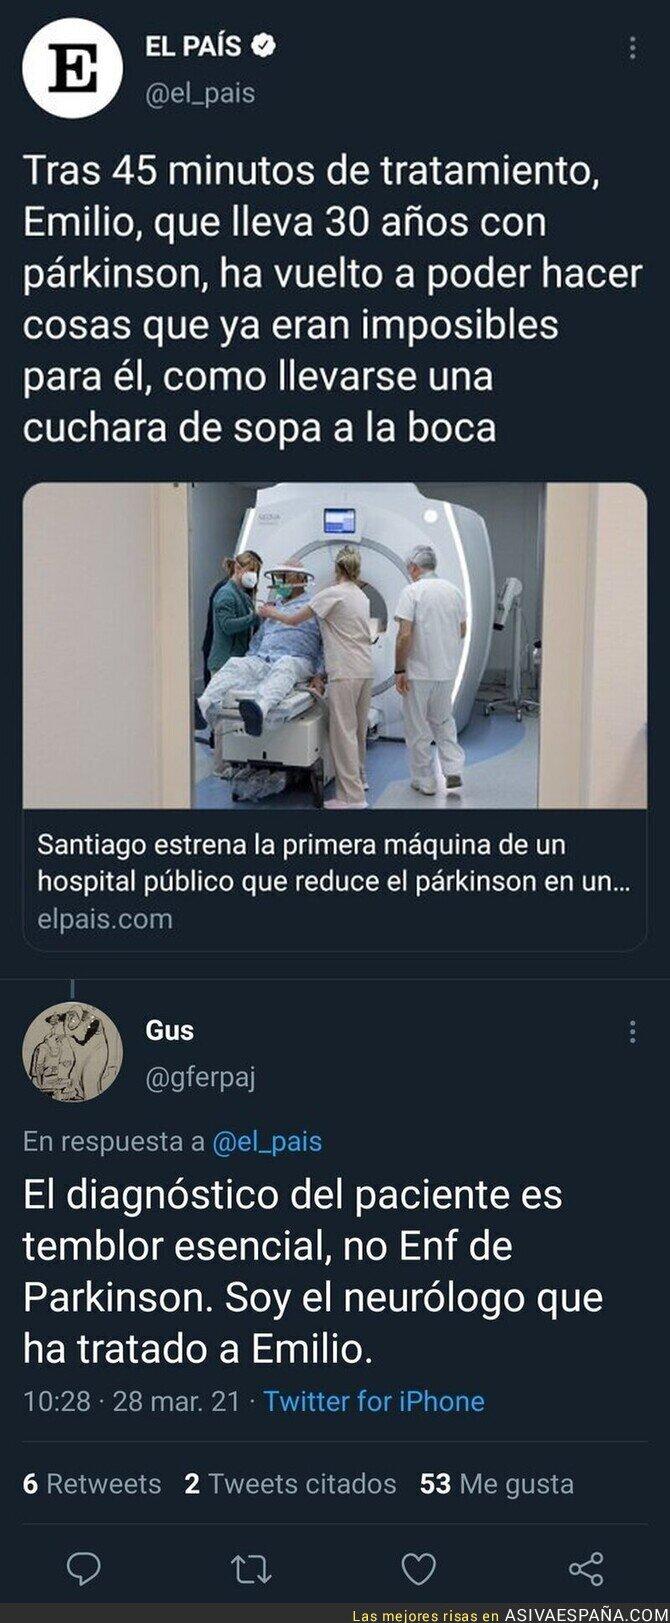 669196 - 'El País' haciendo de las suyas